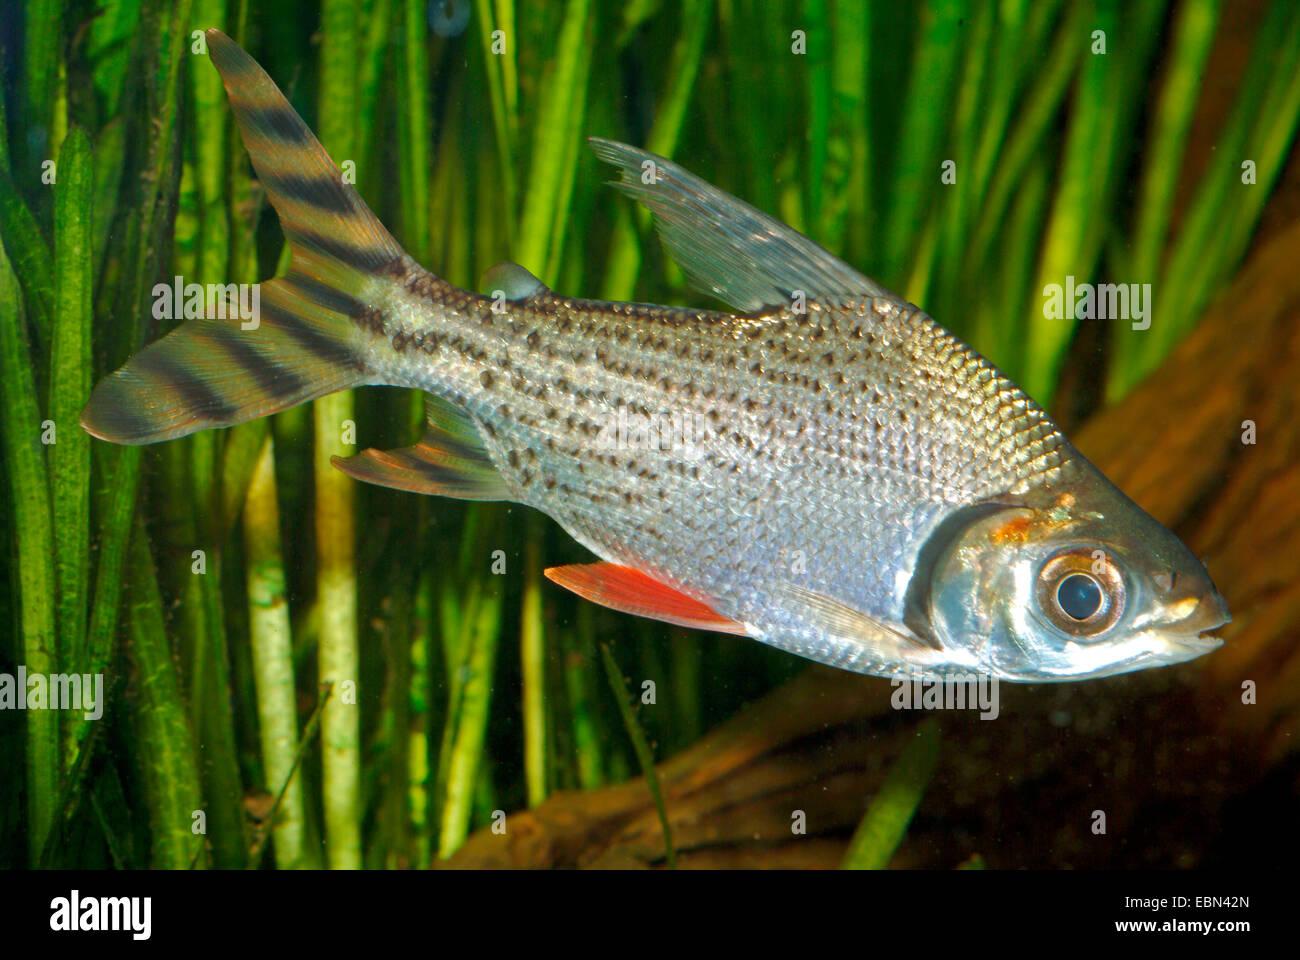 Color plata prochilodus, Prochilodus (Semaprochilodus taeniurus), natación Imagen De Stock